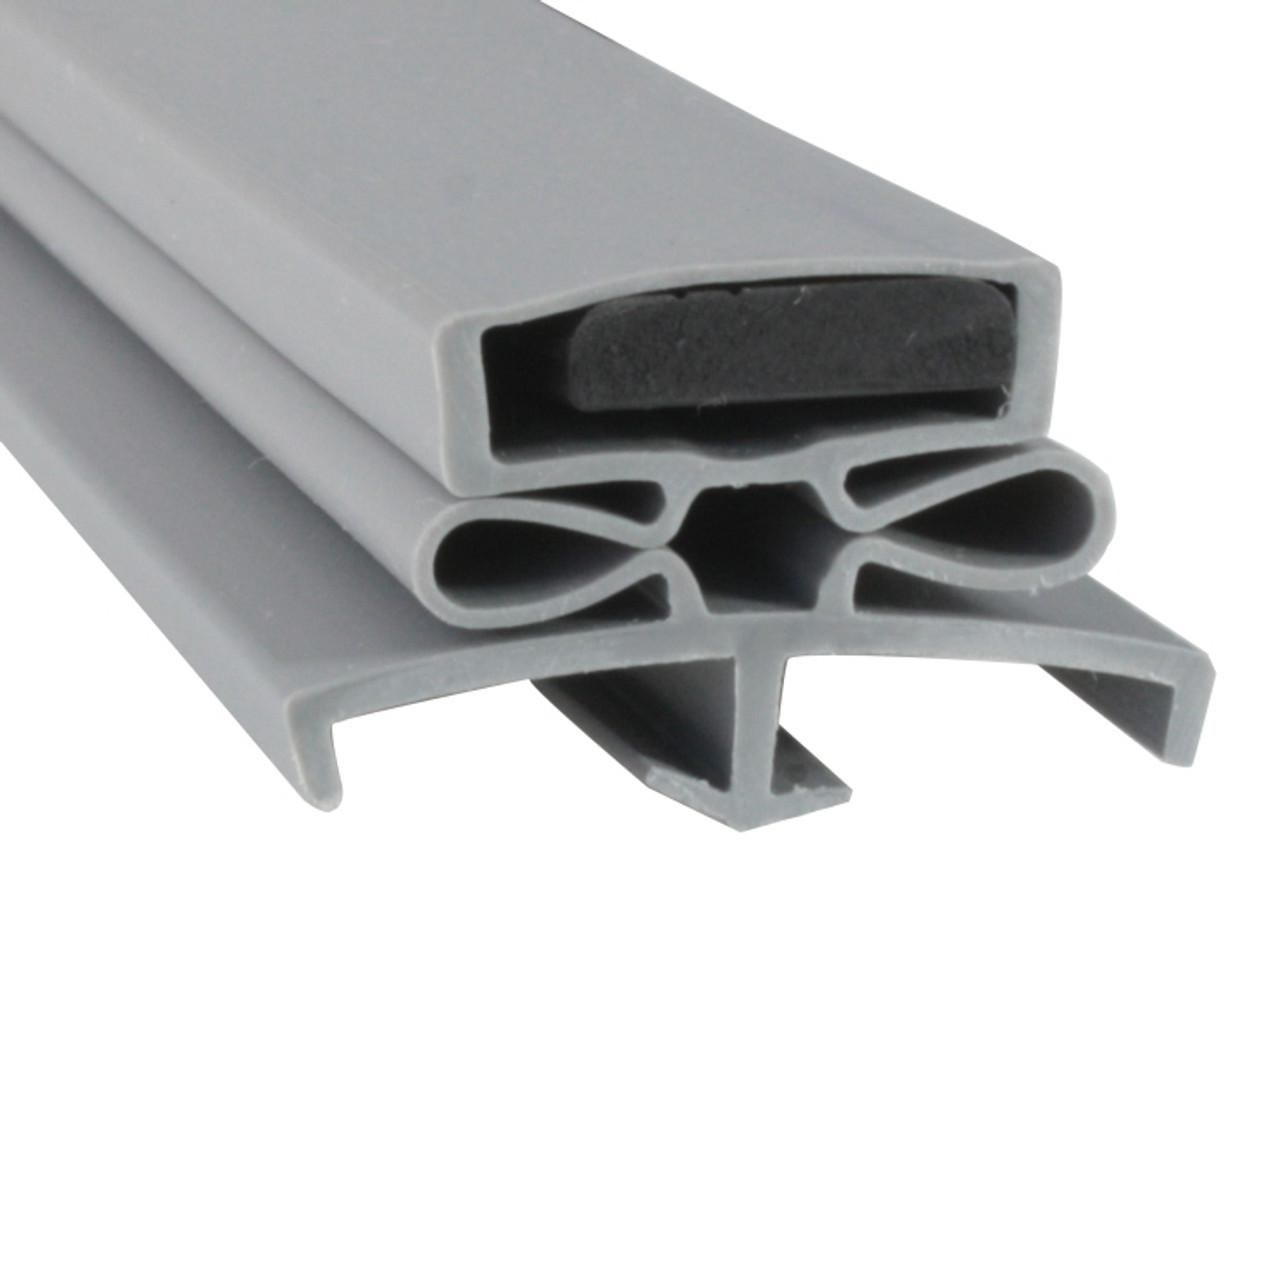 Glenco Door Gasket Profile 166 22 5/8 x 59 3/8 -1